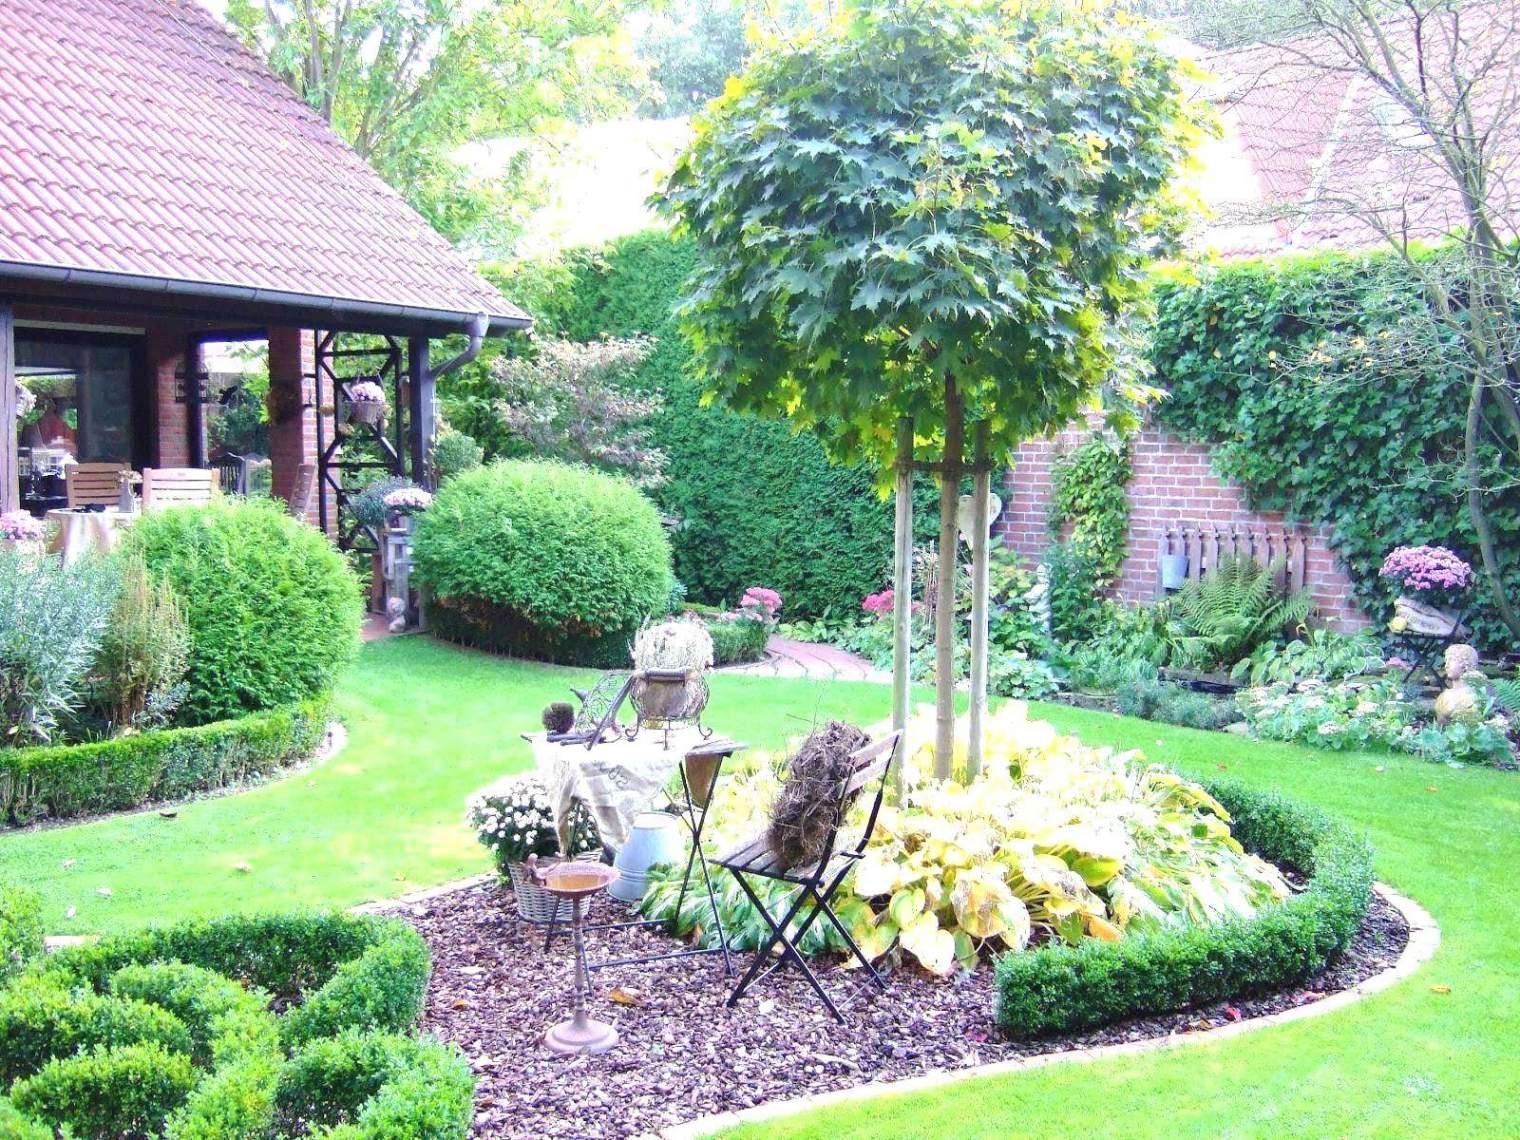 Gestaltung Kleiner Garten Frisch Kleinen Garten Gestalten — Temobardz Home Blog